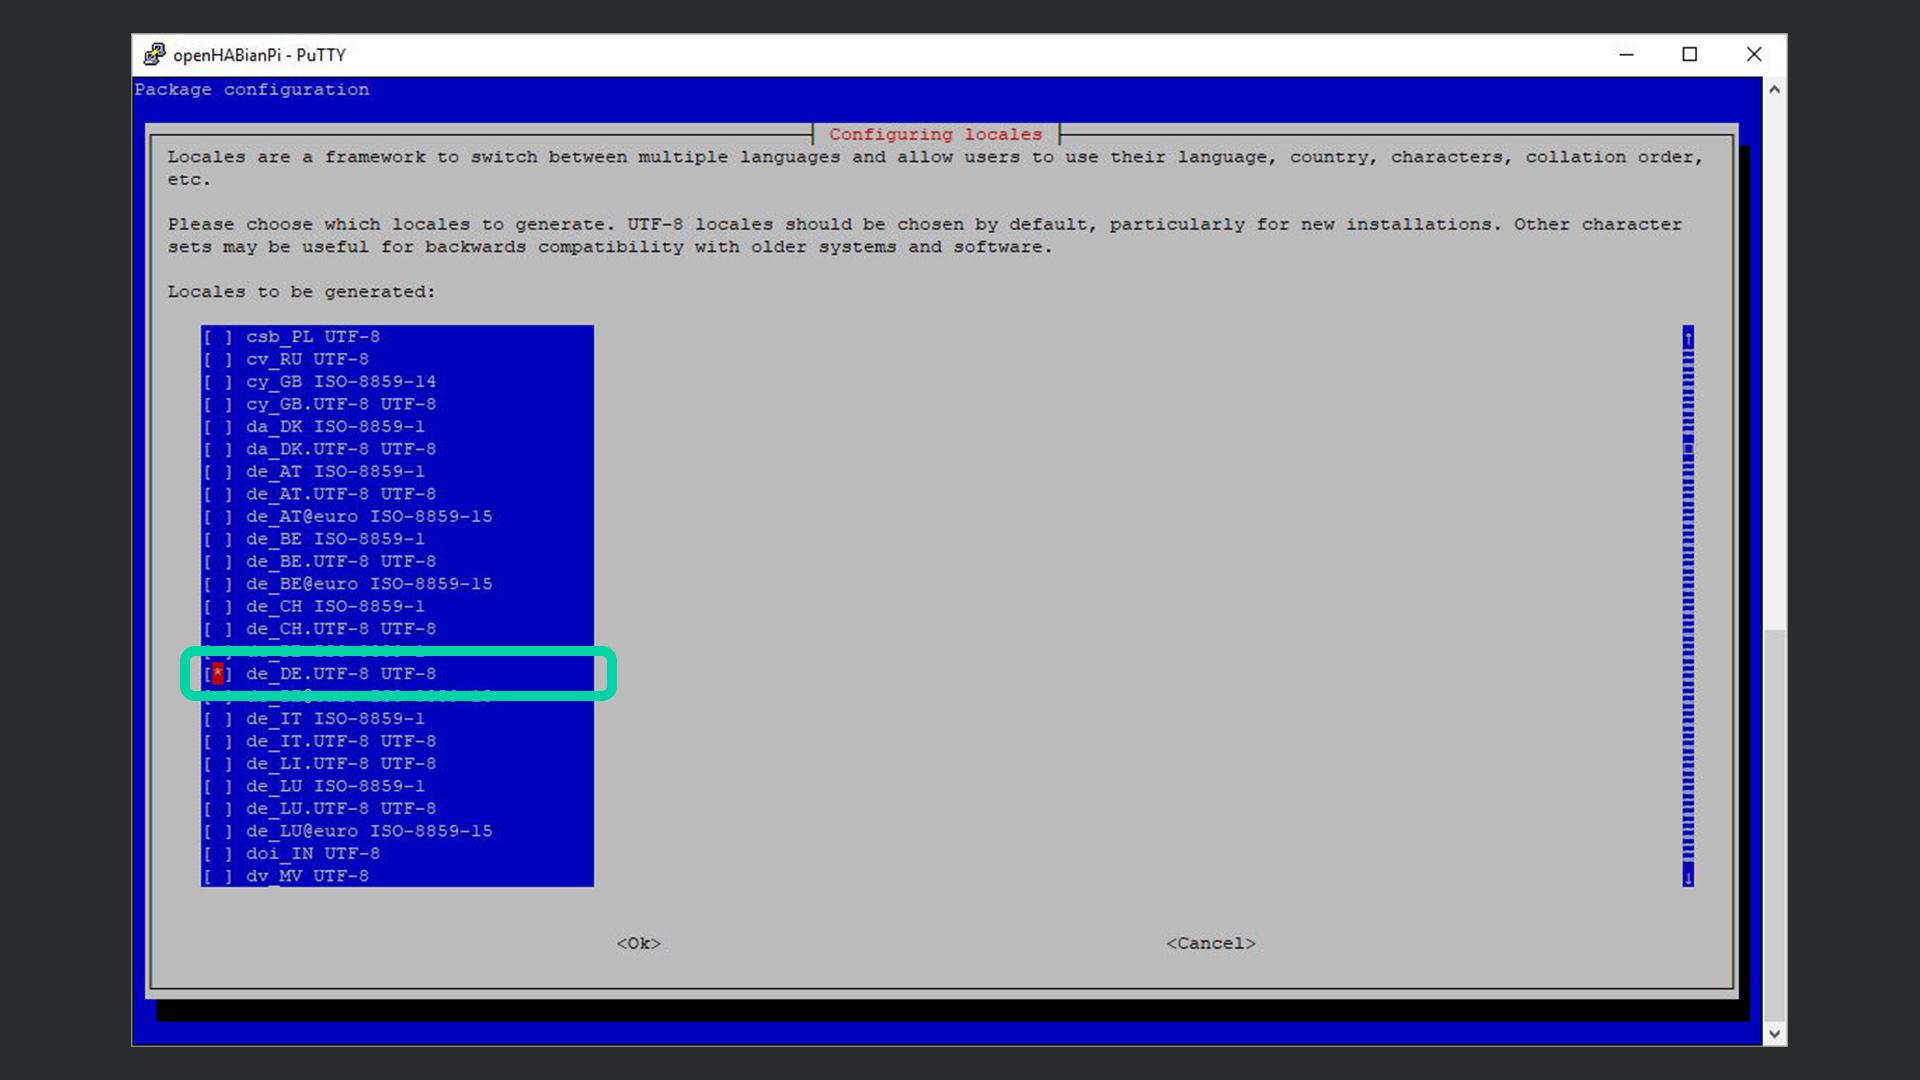 DigitaleWelt openHAB 2 - openHABian Locales de_DE.UTF-8